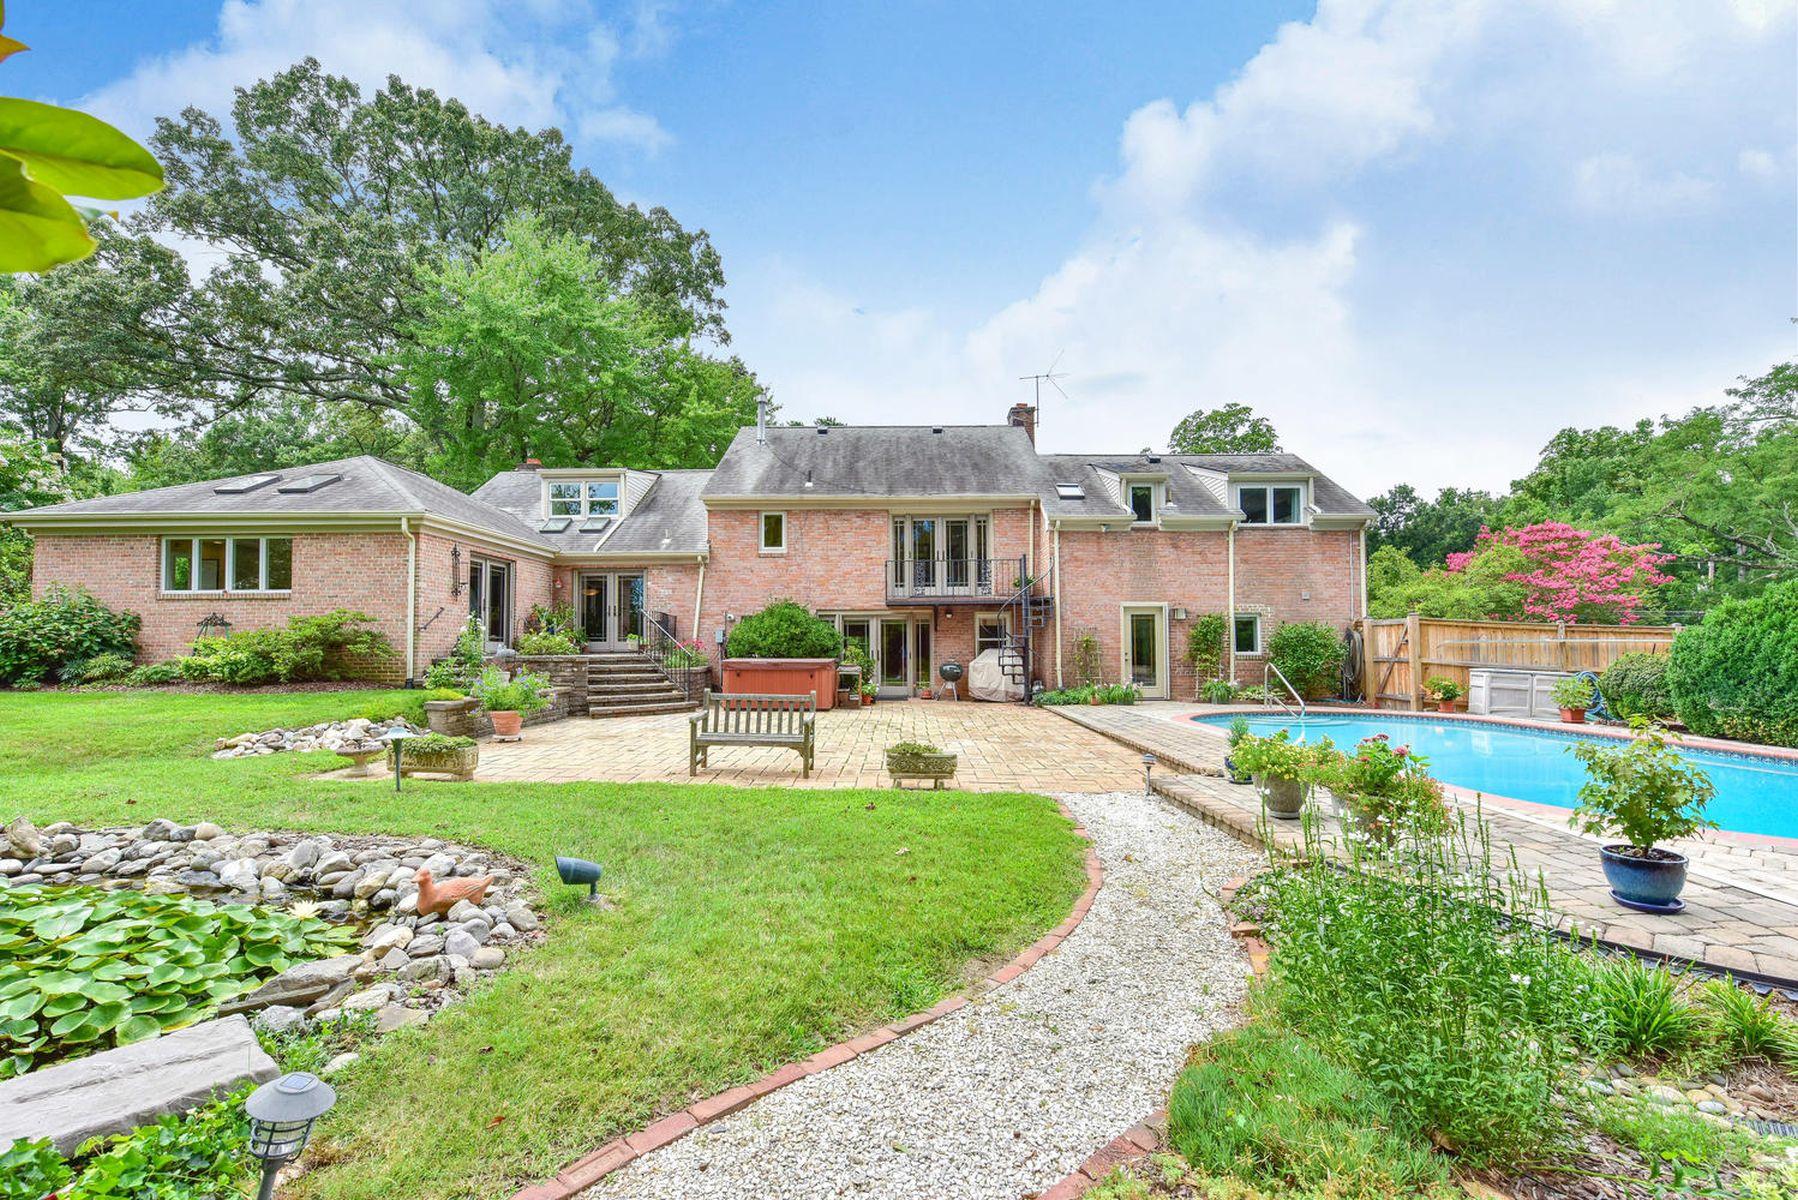 一戸建て のために 売買 アット Wellington Heights 7609 Ridgecrest Dr Alexandria, バージニア 22308 アメリカ合衆国